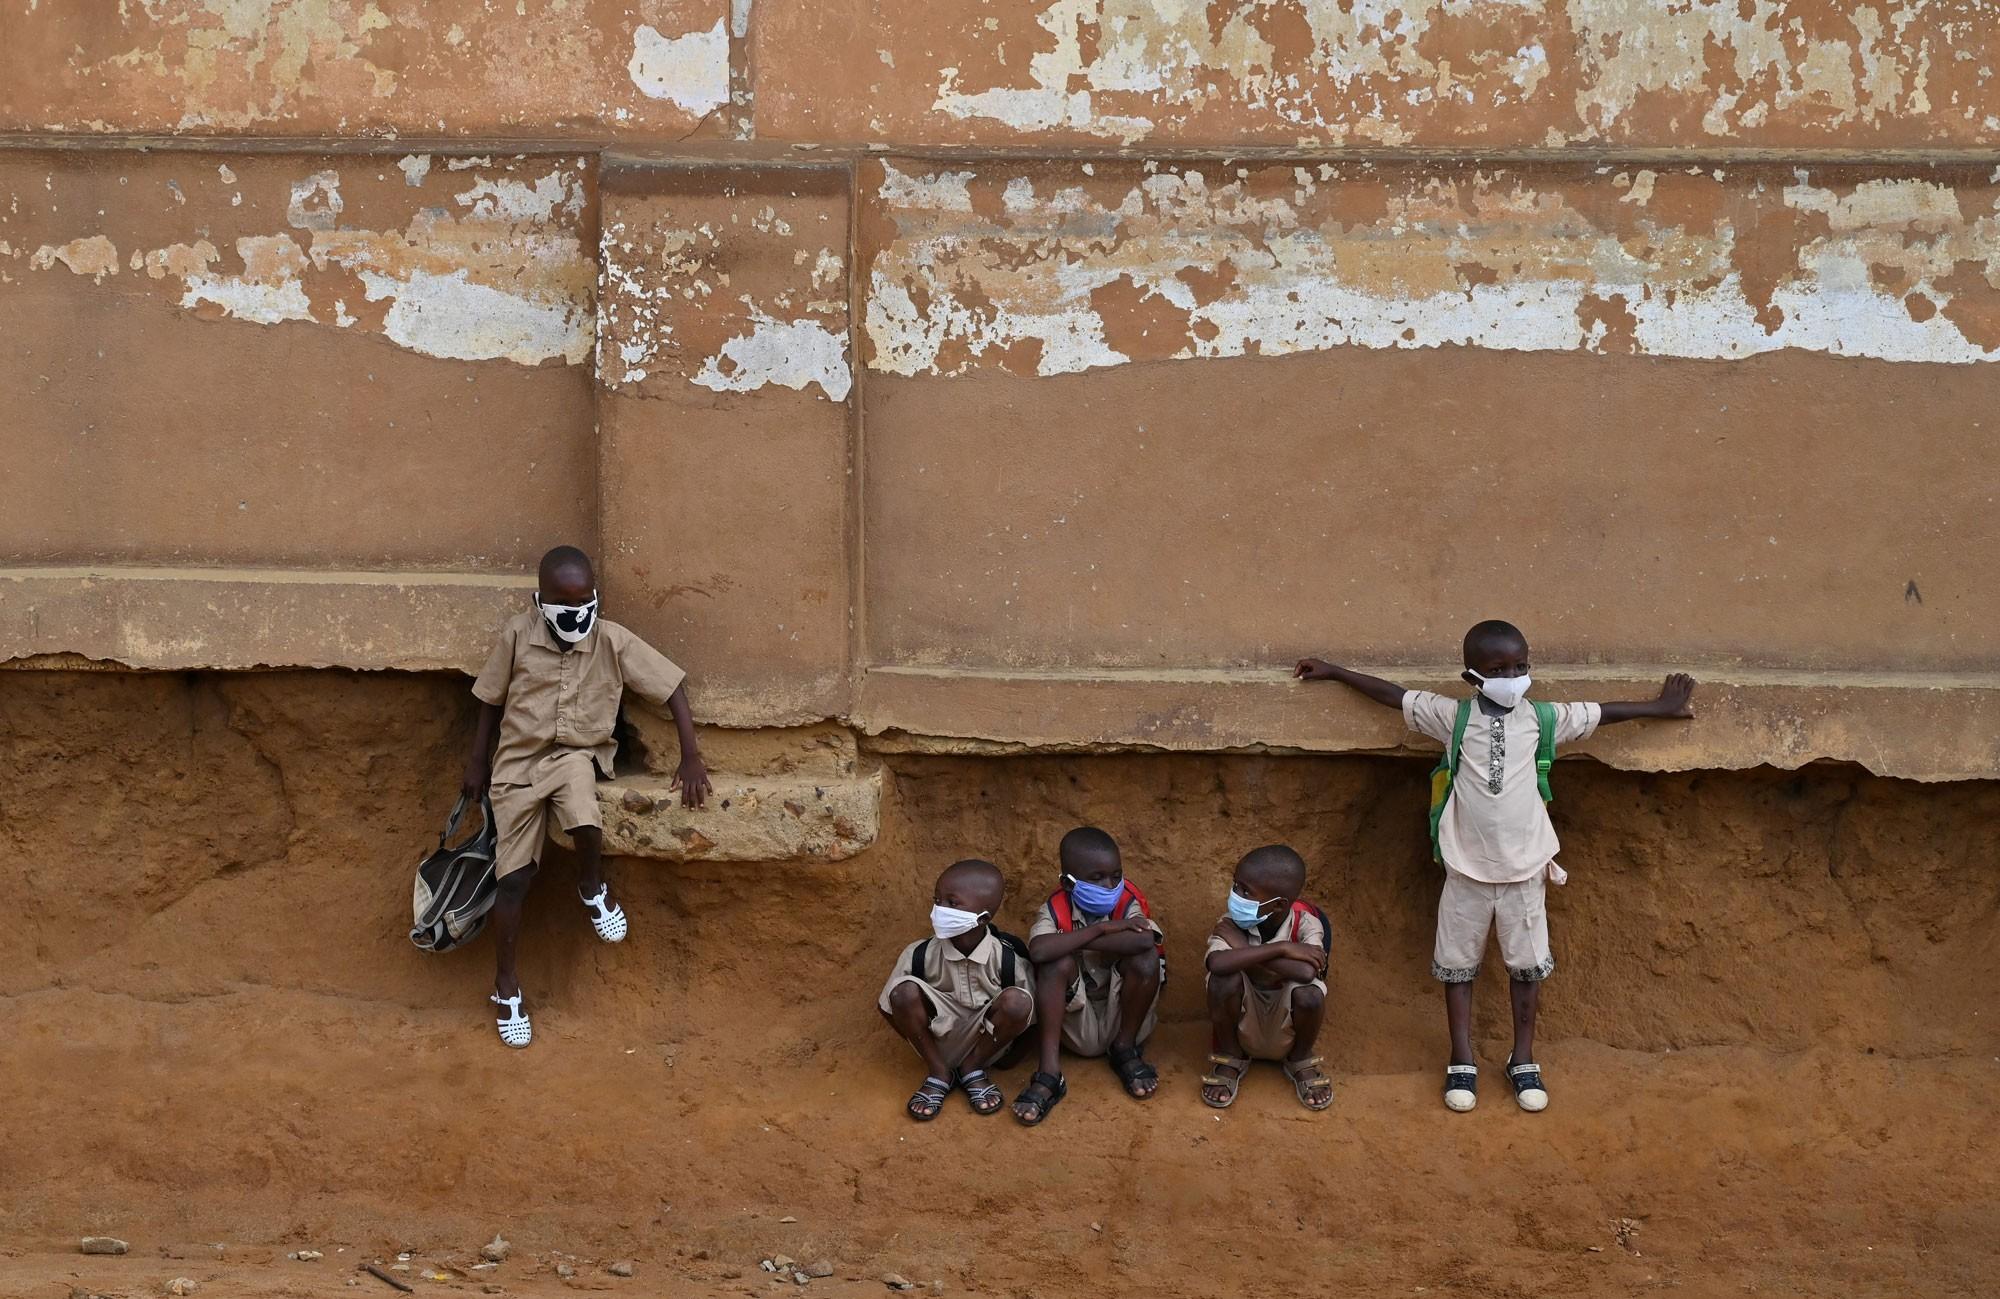 Pandemia de Covid-19 afeta gravemente direitos das crianças no mundo, diz ONG